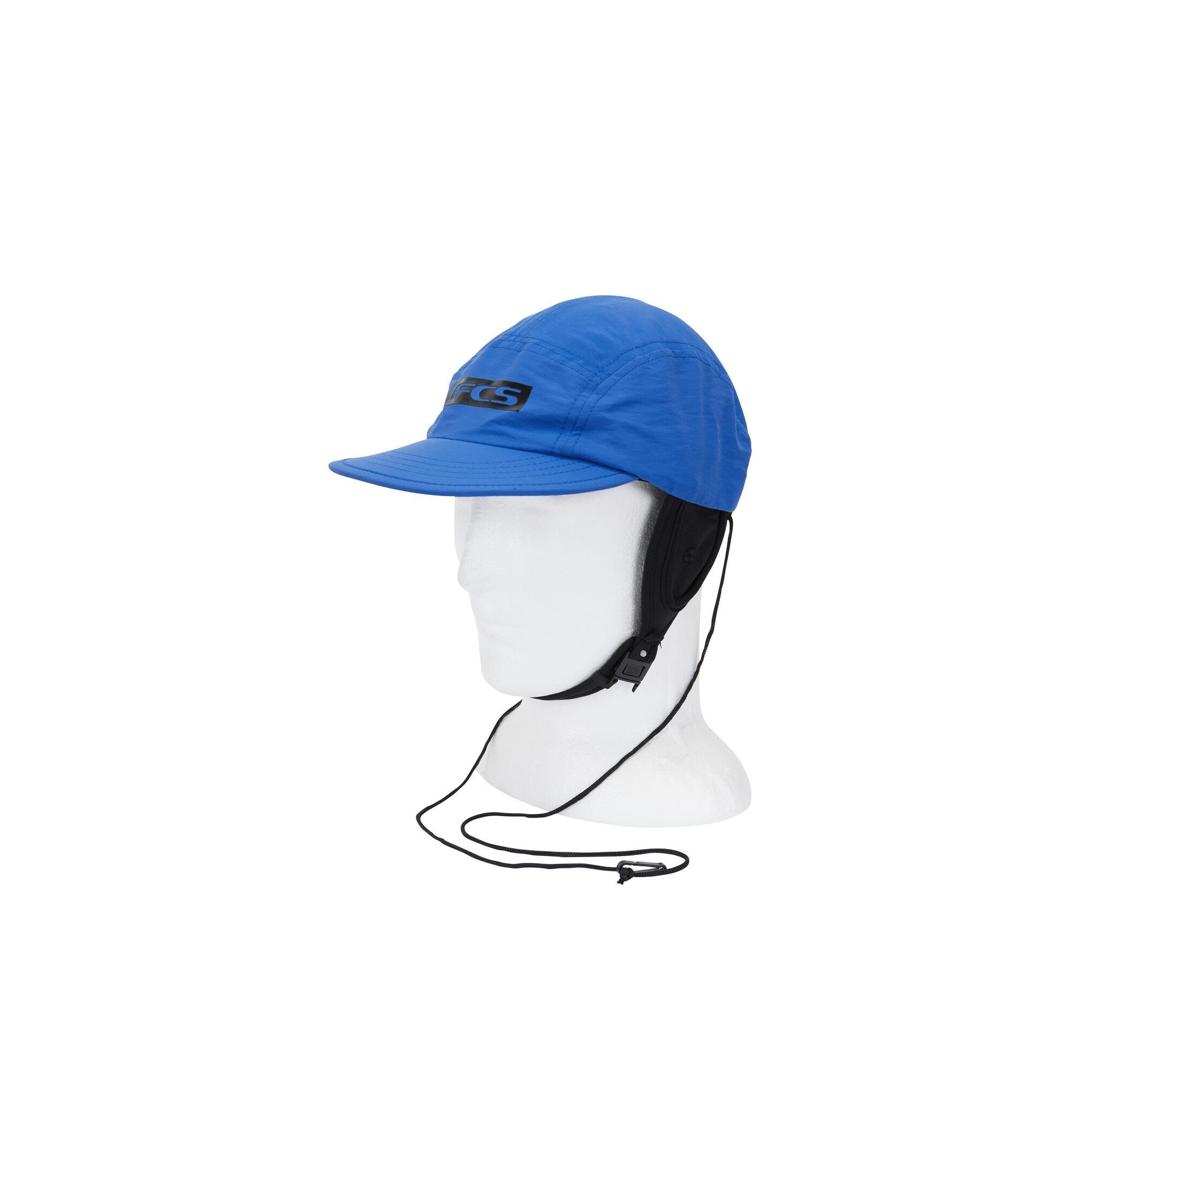 Essential surf cap hat blu large